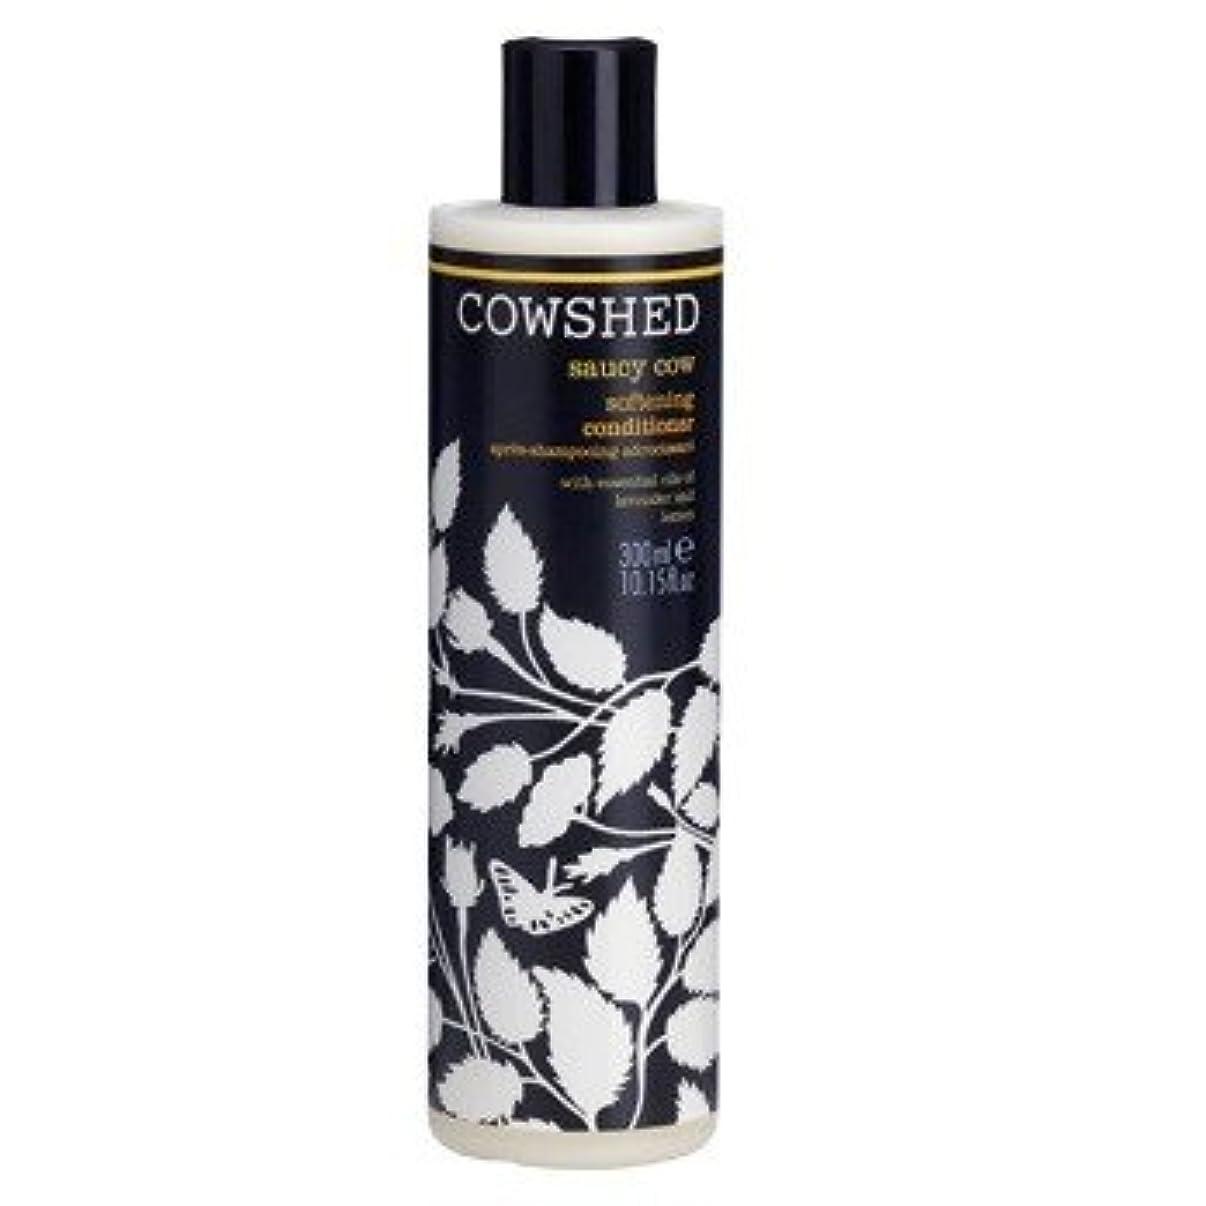 適性スピン何よりも牛舎生意気な牛軟化コンディショナー300ミリリットル (Cowshed) - Cowshed Saucy Cow Softening Conditioner 300ml [並行輸入品]